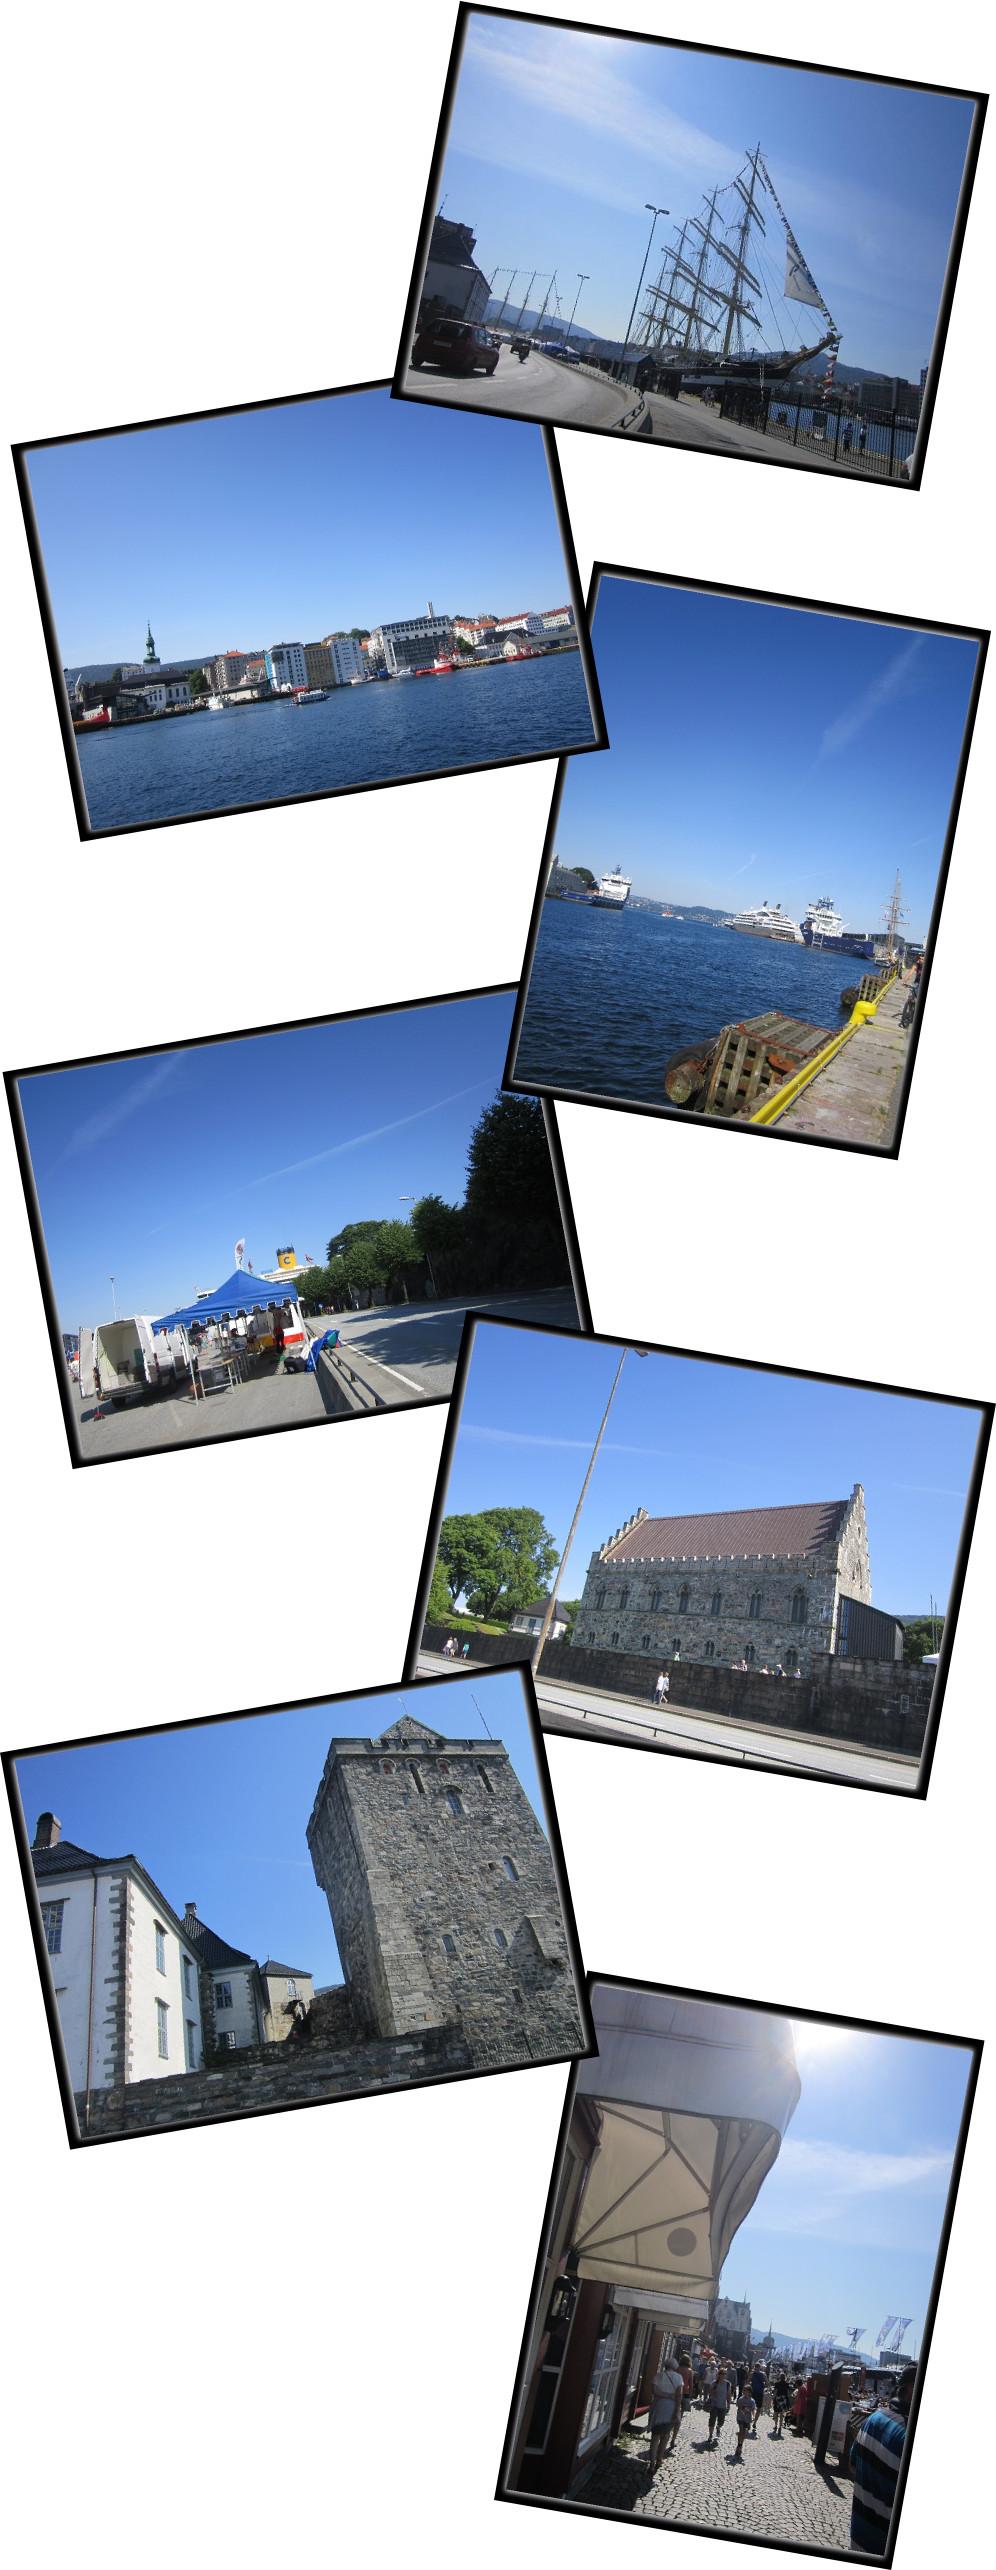 July 24, 2014 - Tall Ships Races 2104 in Bergen